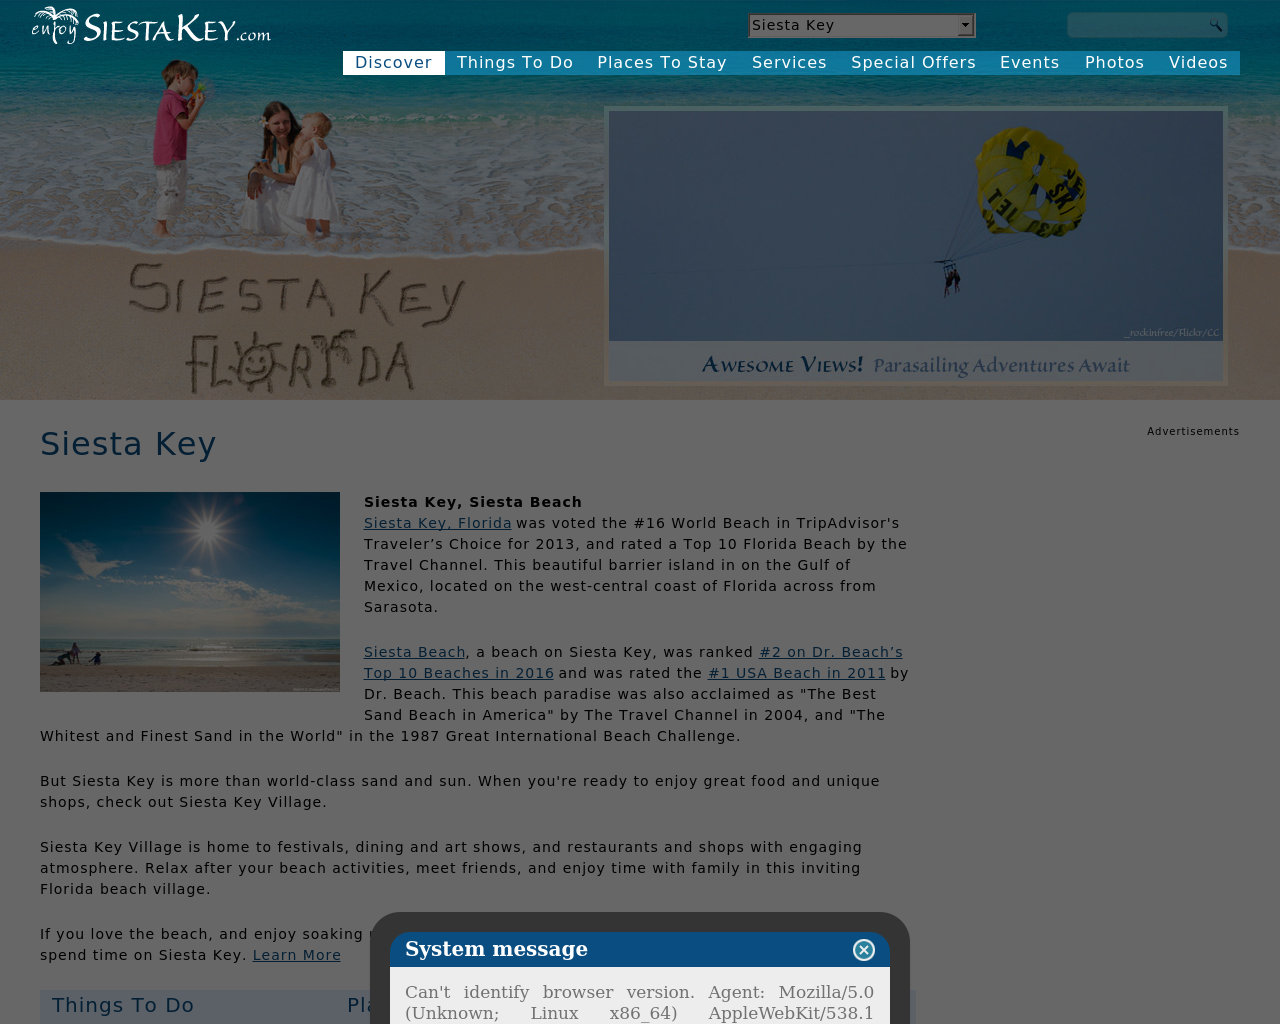 enjoySiestaKey.com-Advertising-Reviews-Pricing